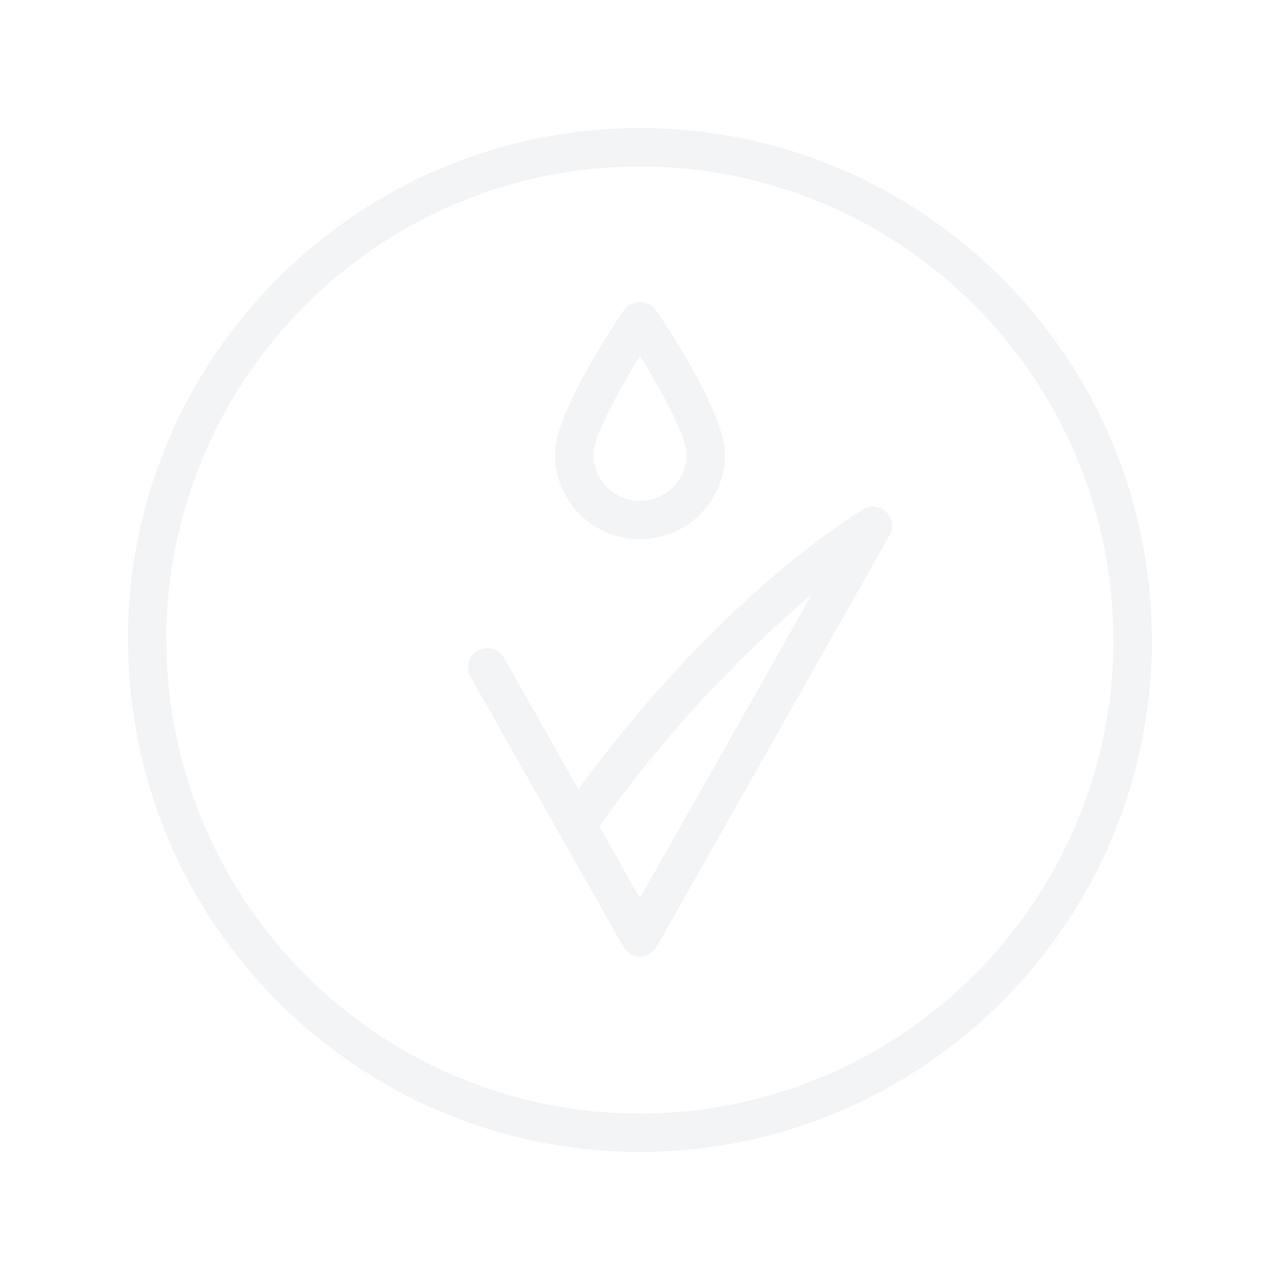 Bourjois Little Round Pot Blush 2.5g